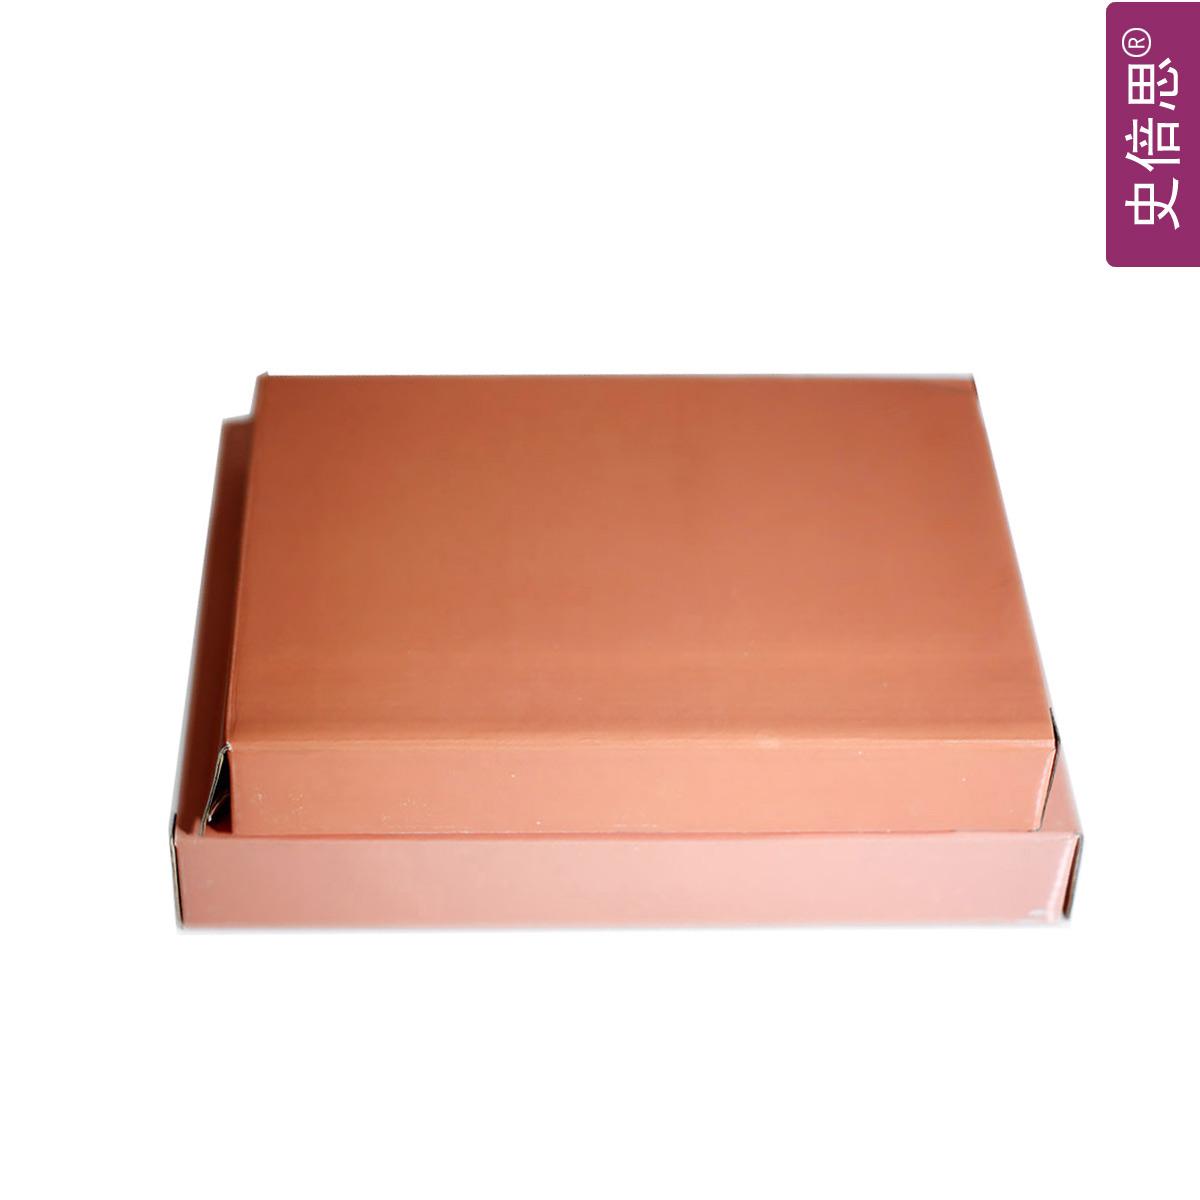 史倍思 浅粉玫瑰红色泰迪树脂相框长方形韩式 相框